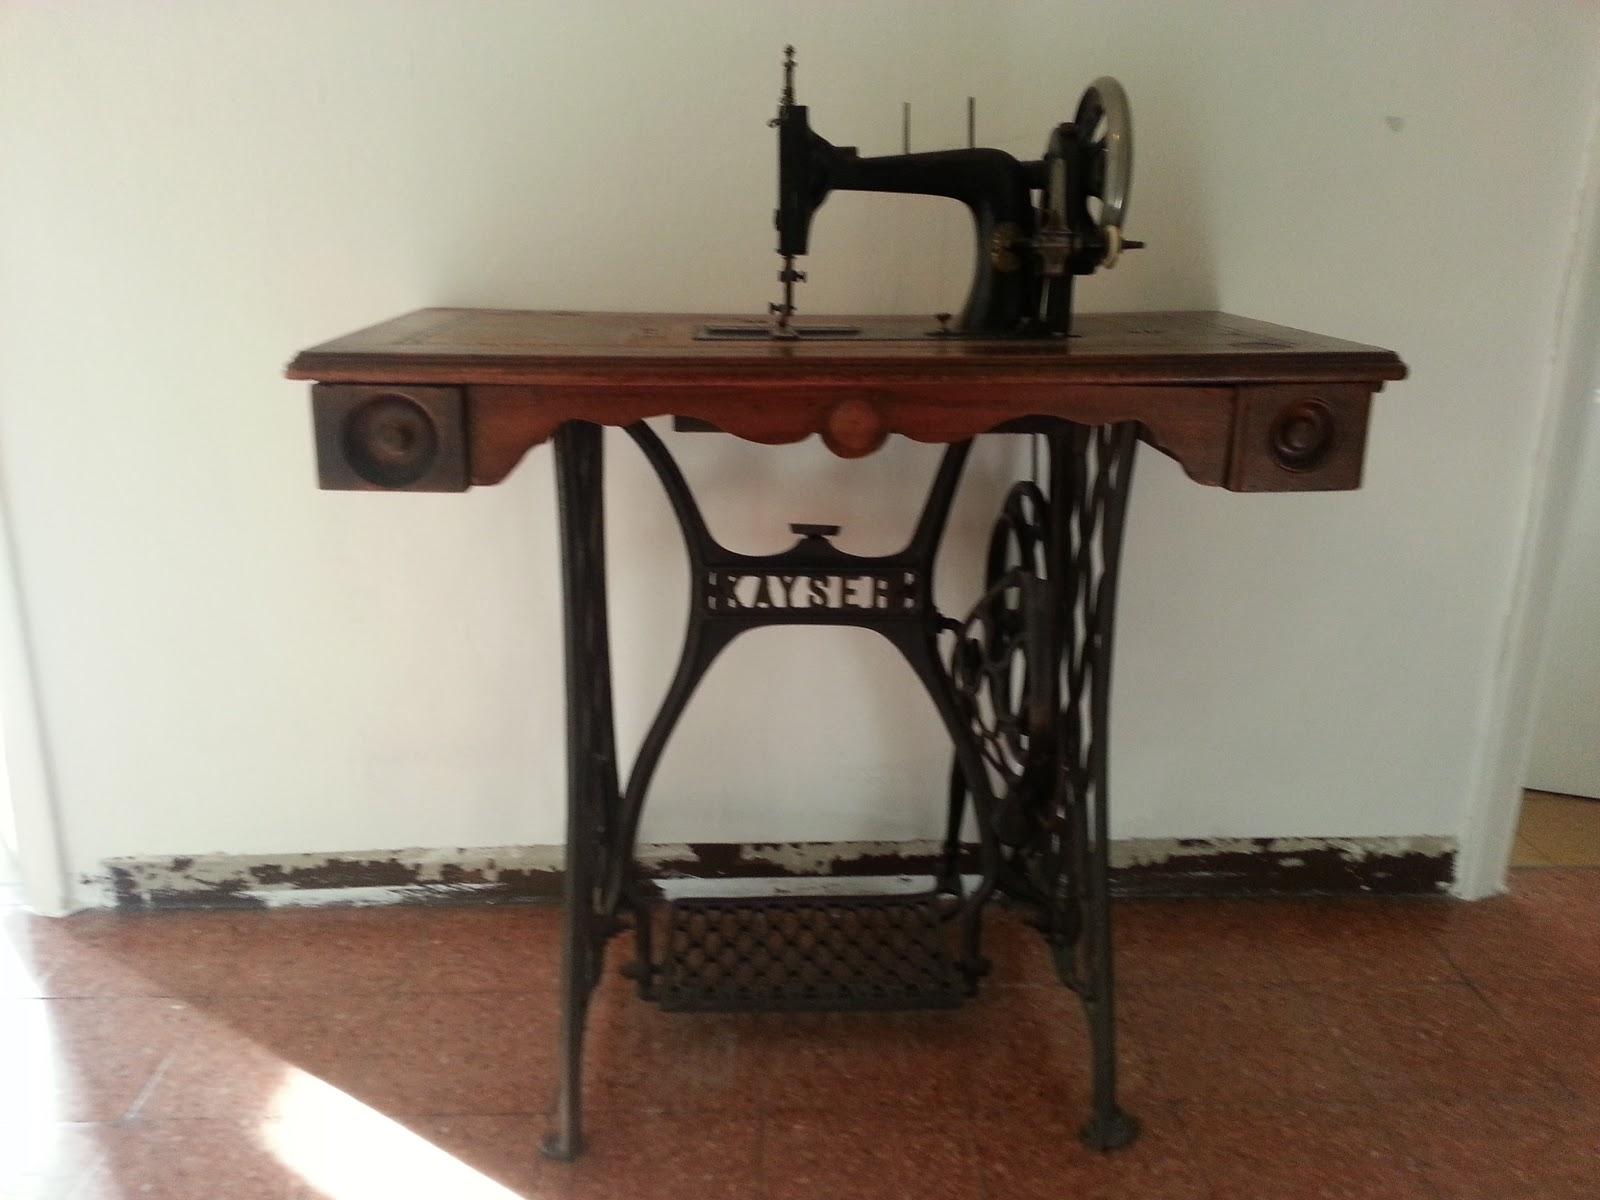 Piccola bottega senza tempo antiquariato macchina da - Tavolo macchina da cucire ...